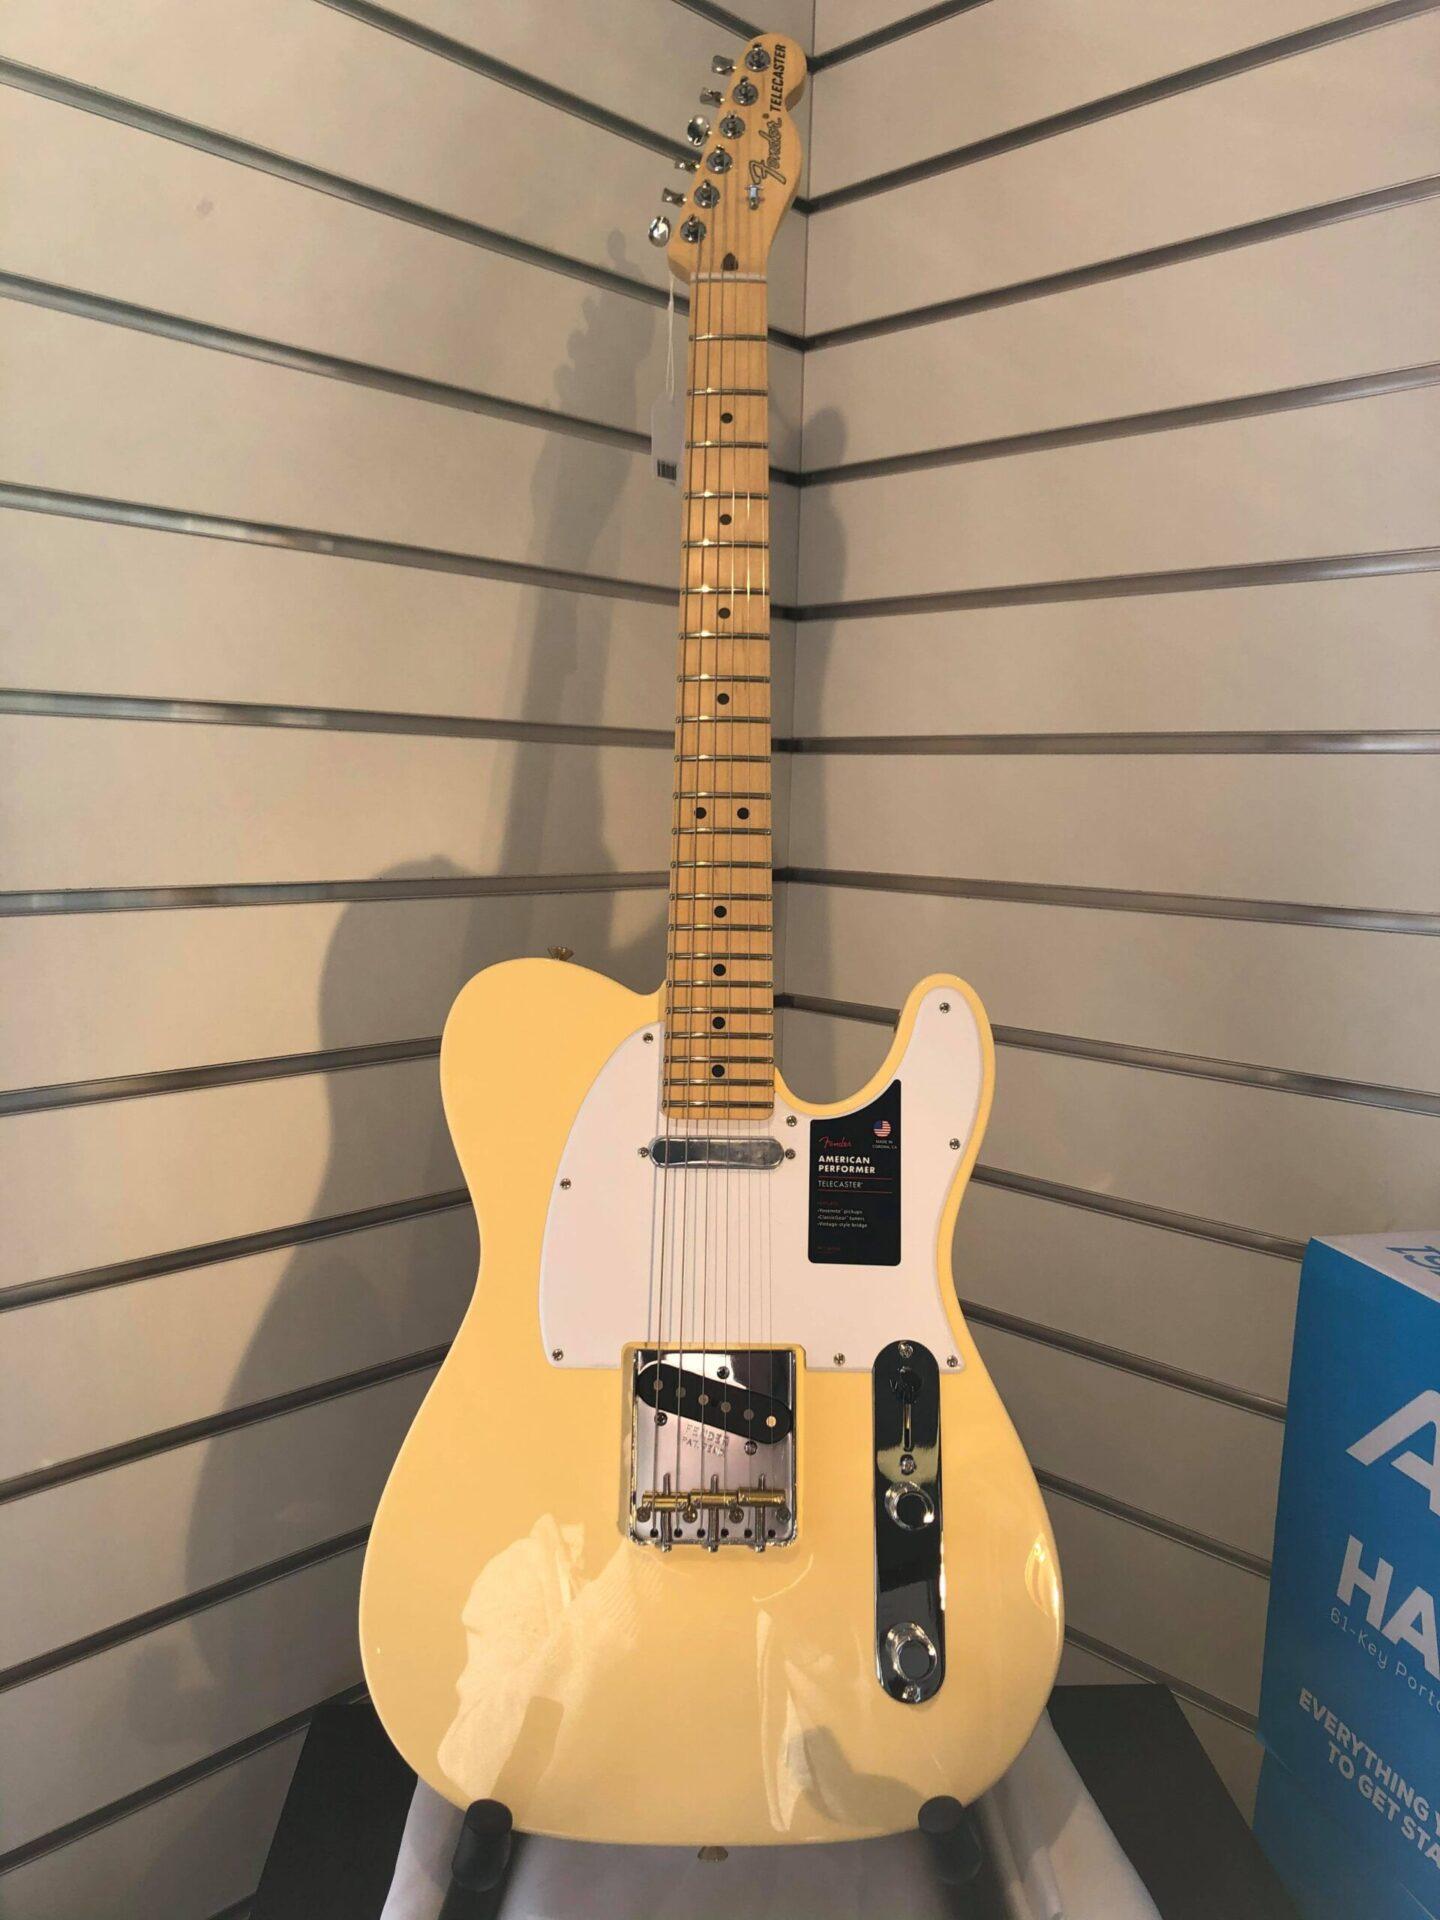 Fender Telecaster American Performer Vintage White